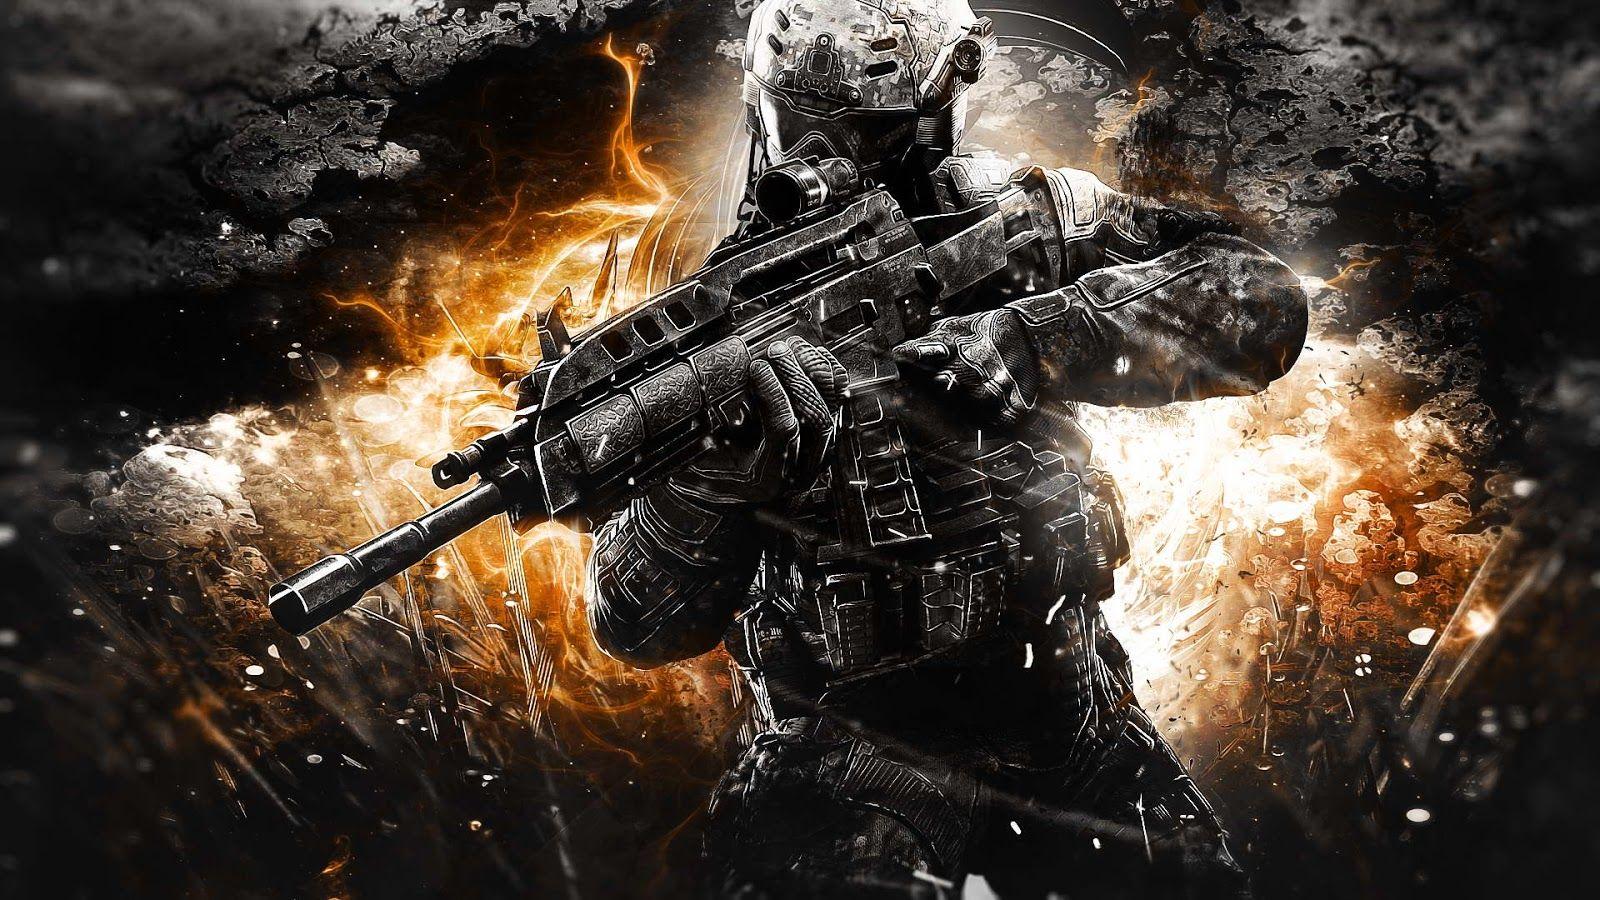 Black Ops 2 Pics Call Of Duty Black Ops 2 Wallpaper 50 Cod Black Ops 2 Papel De Parede Zumbi Call Of Duty ícones Personalizados